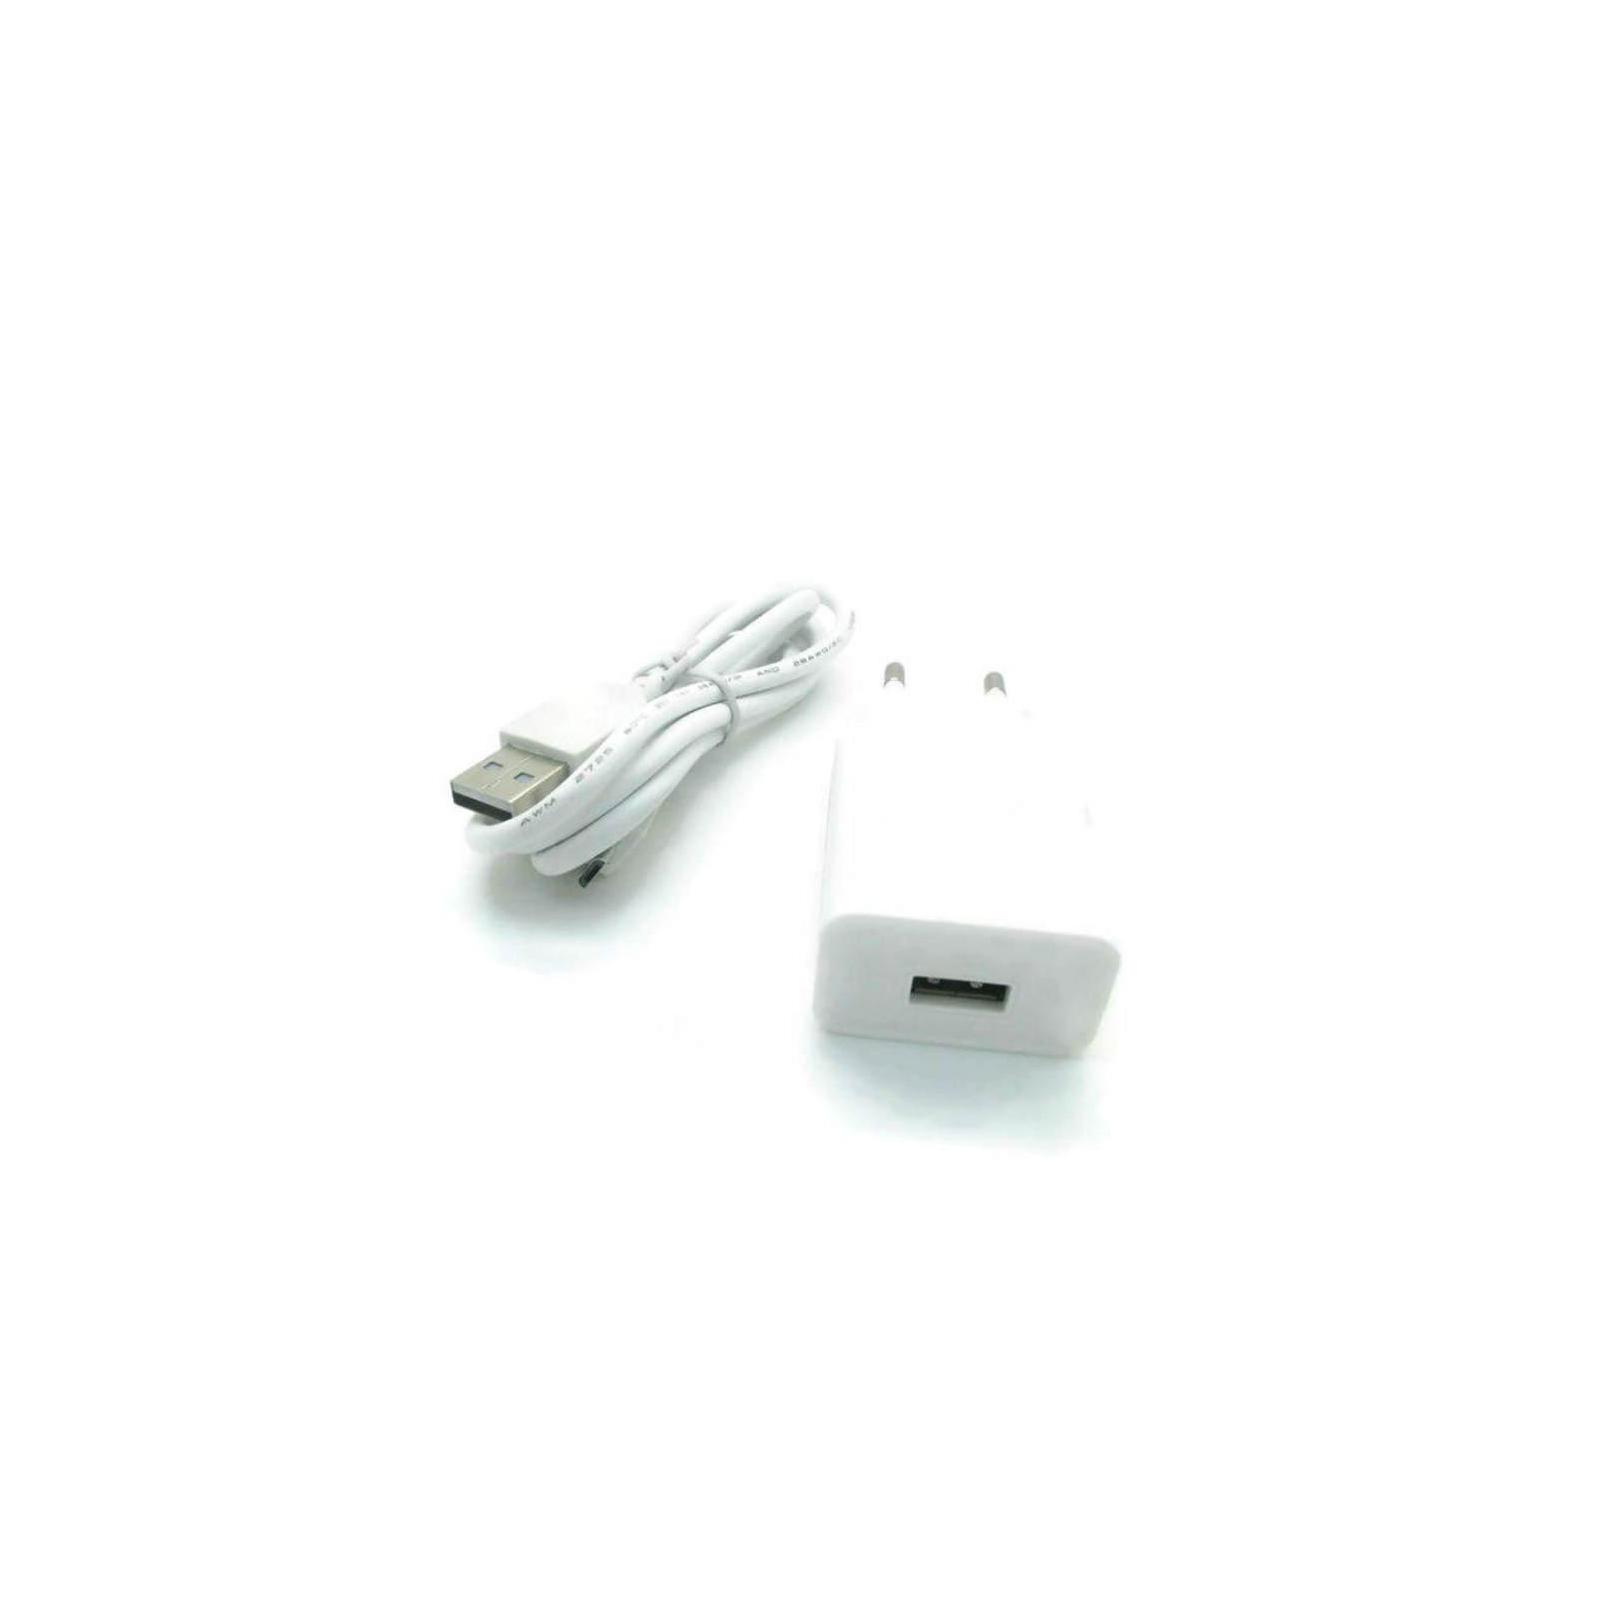 Зарядное устройство Lenovo 1.5A + cable White (C-P63 / 41983)